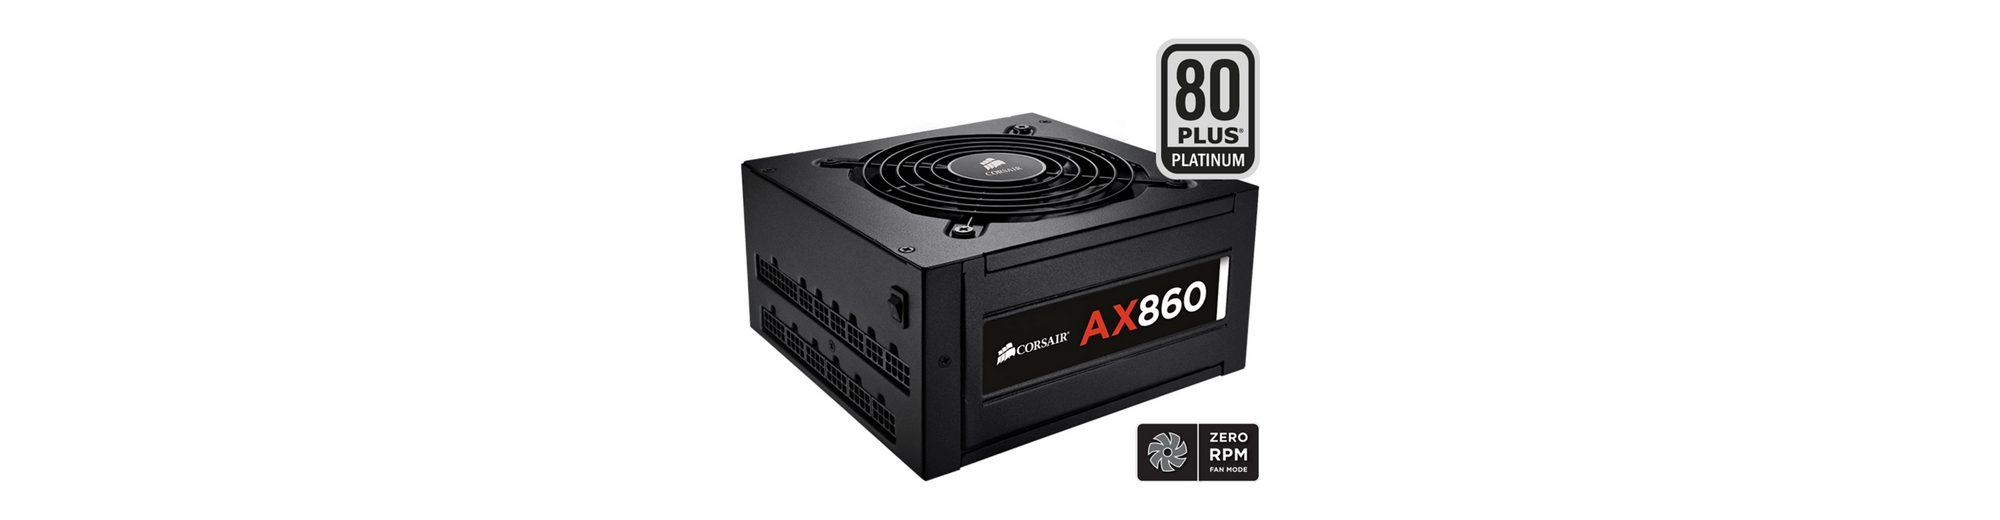 Corsair PC-Netzteil »AX860«